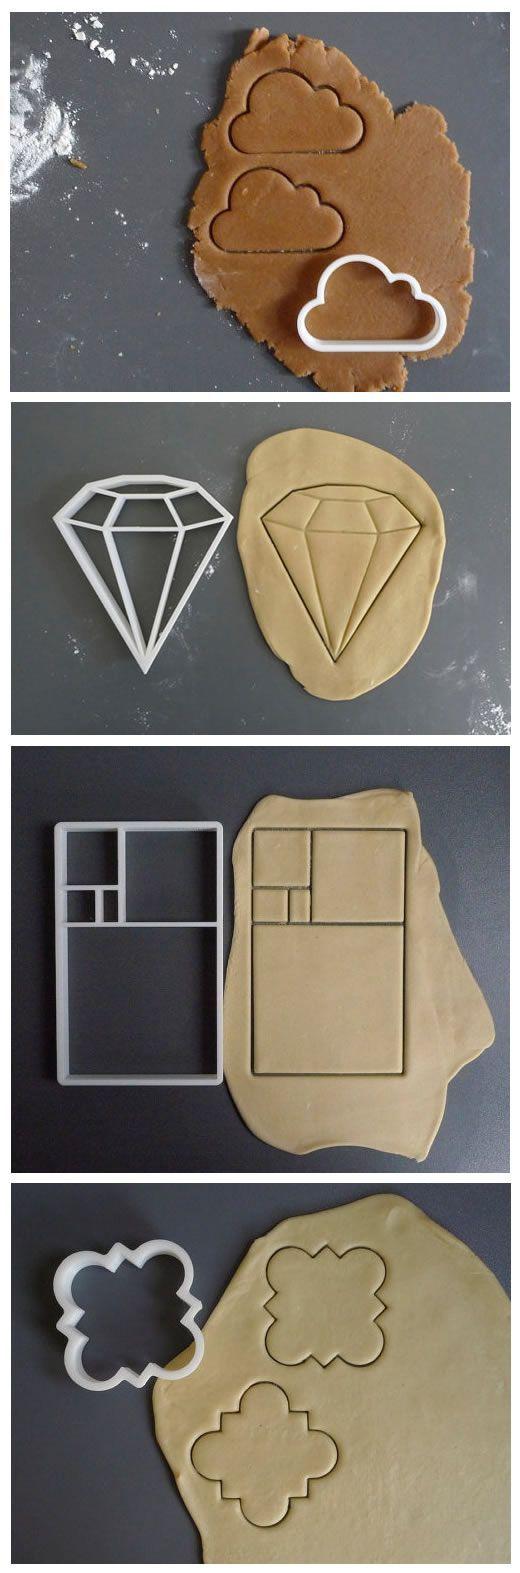 Amazing Backformen f r Kuchen und Pl tzen aus dem D Drucker Eigene Formen kreativ entwickeln